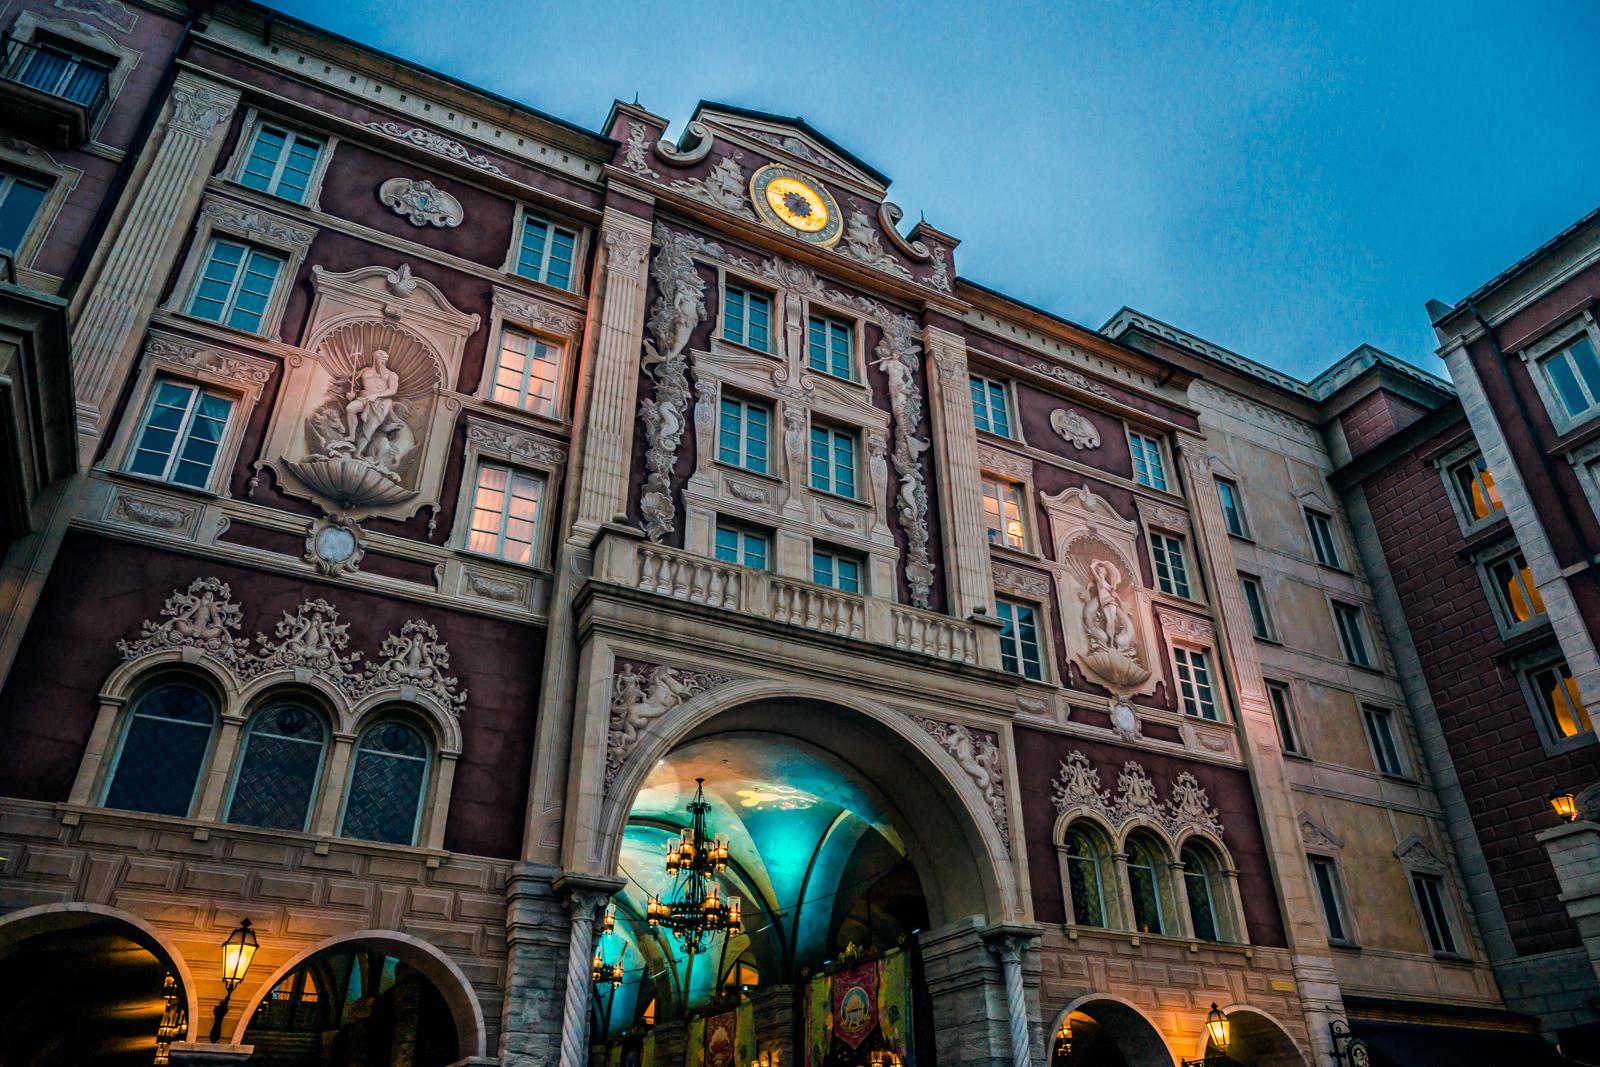 ディズニーシー・ホテルミラコスタの写真